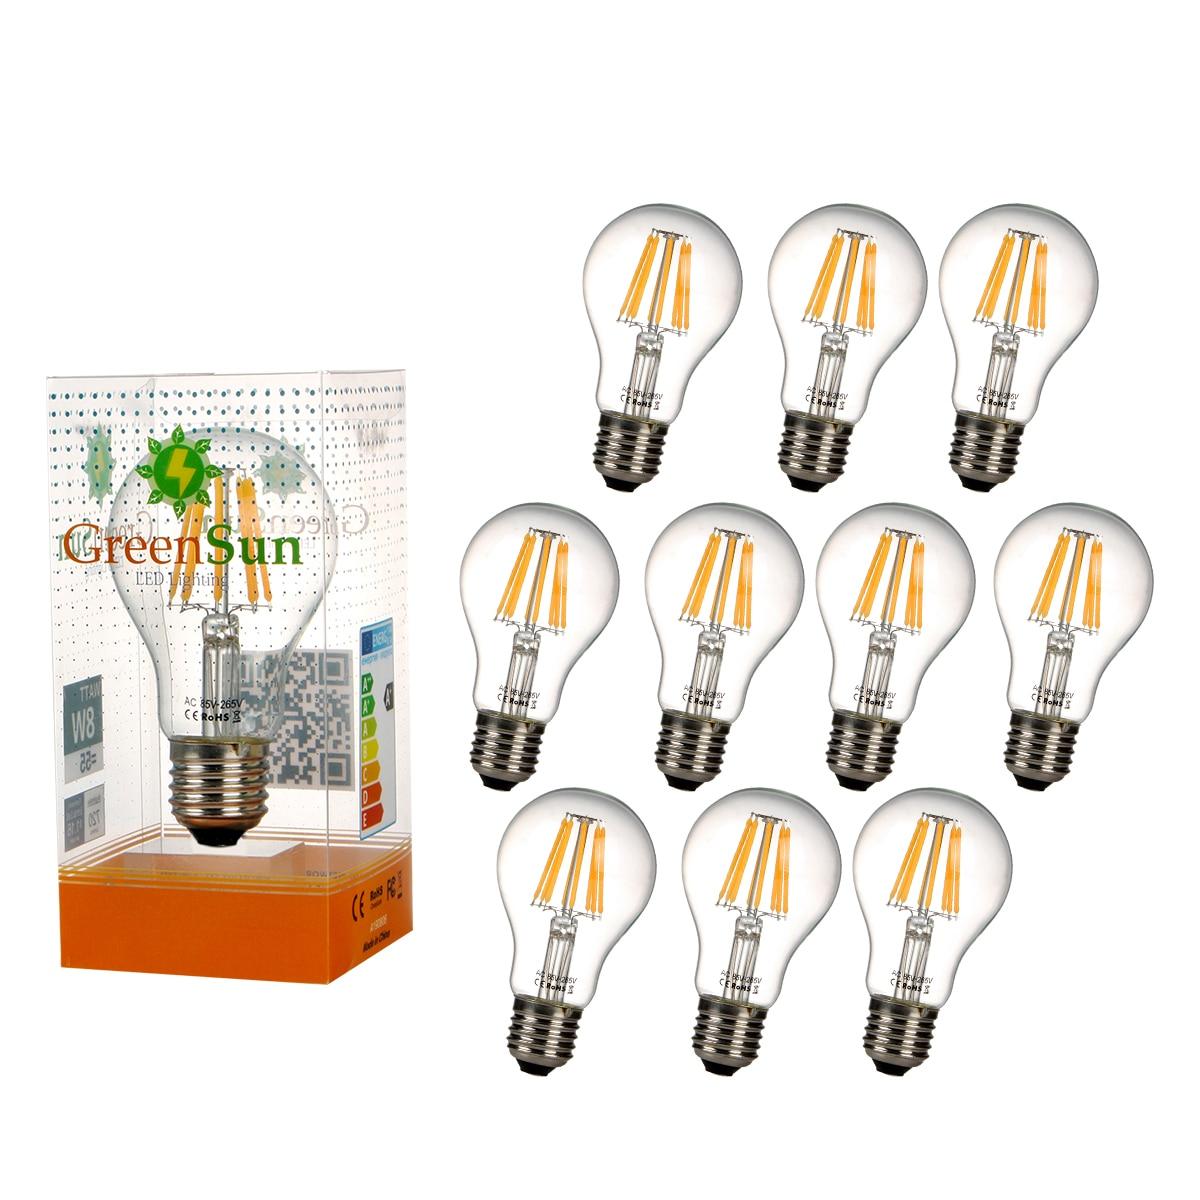 10Pcs E27 8W Edison Filament Warm White LED Energy Saving Bulb Light Lamp<br>